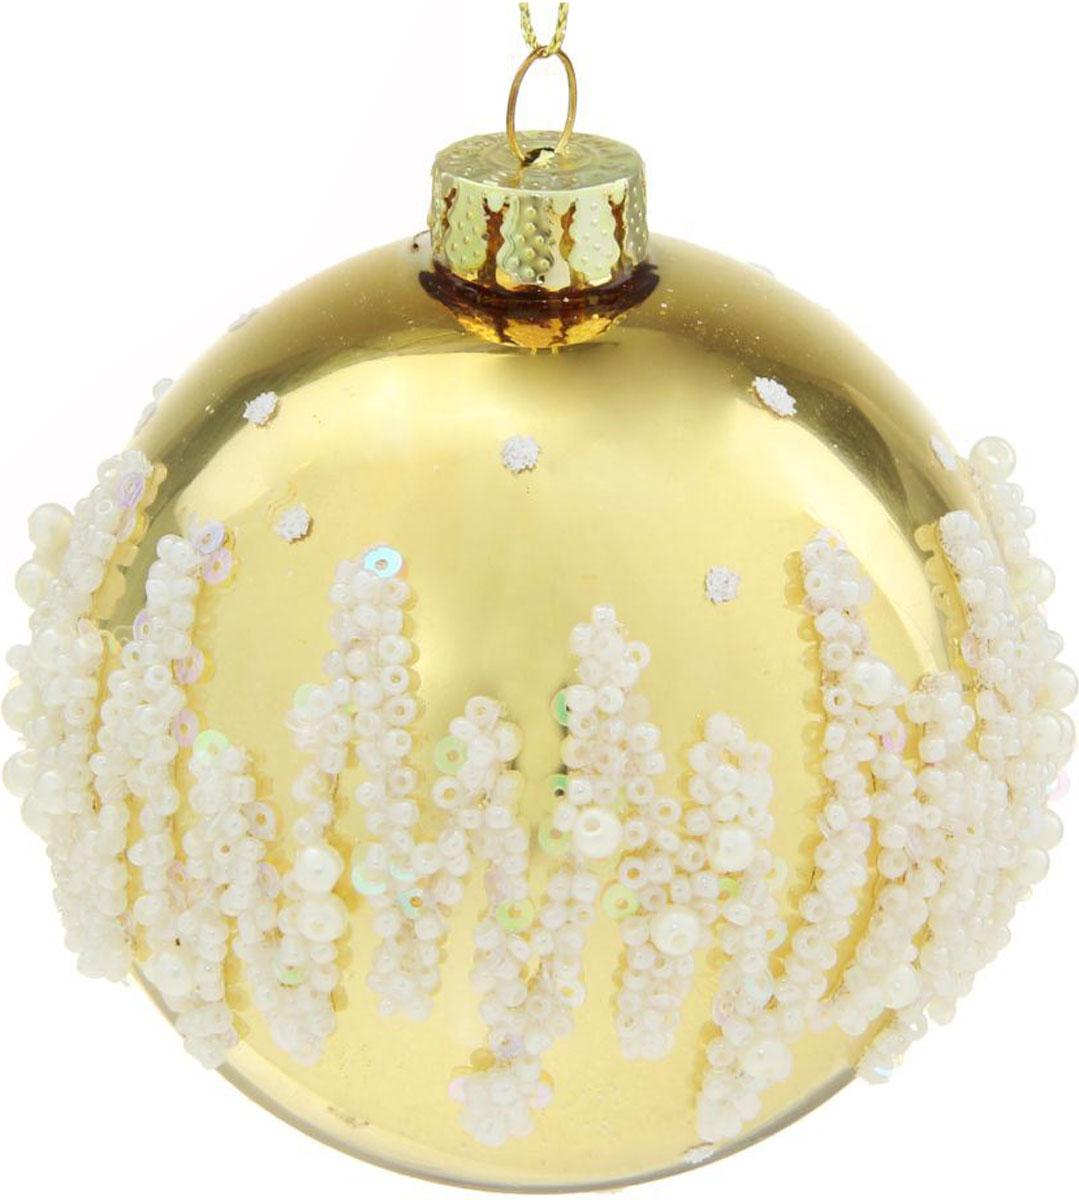 Новогоднее подвесное украшение Sima-land Зигзаг, цвет: золотистый, диаметр 8 см1346651Новогоднее украшение Sima-land отлично подойдет для декорации вашего дома и новогодней ели. Елочная игрушка - символ Нового года. Она несет в себе волшебство и красоту праздника. Такое украшение создаст в вашем доме атмосферу праздника, веселья и радости.